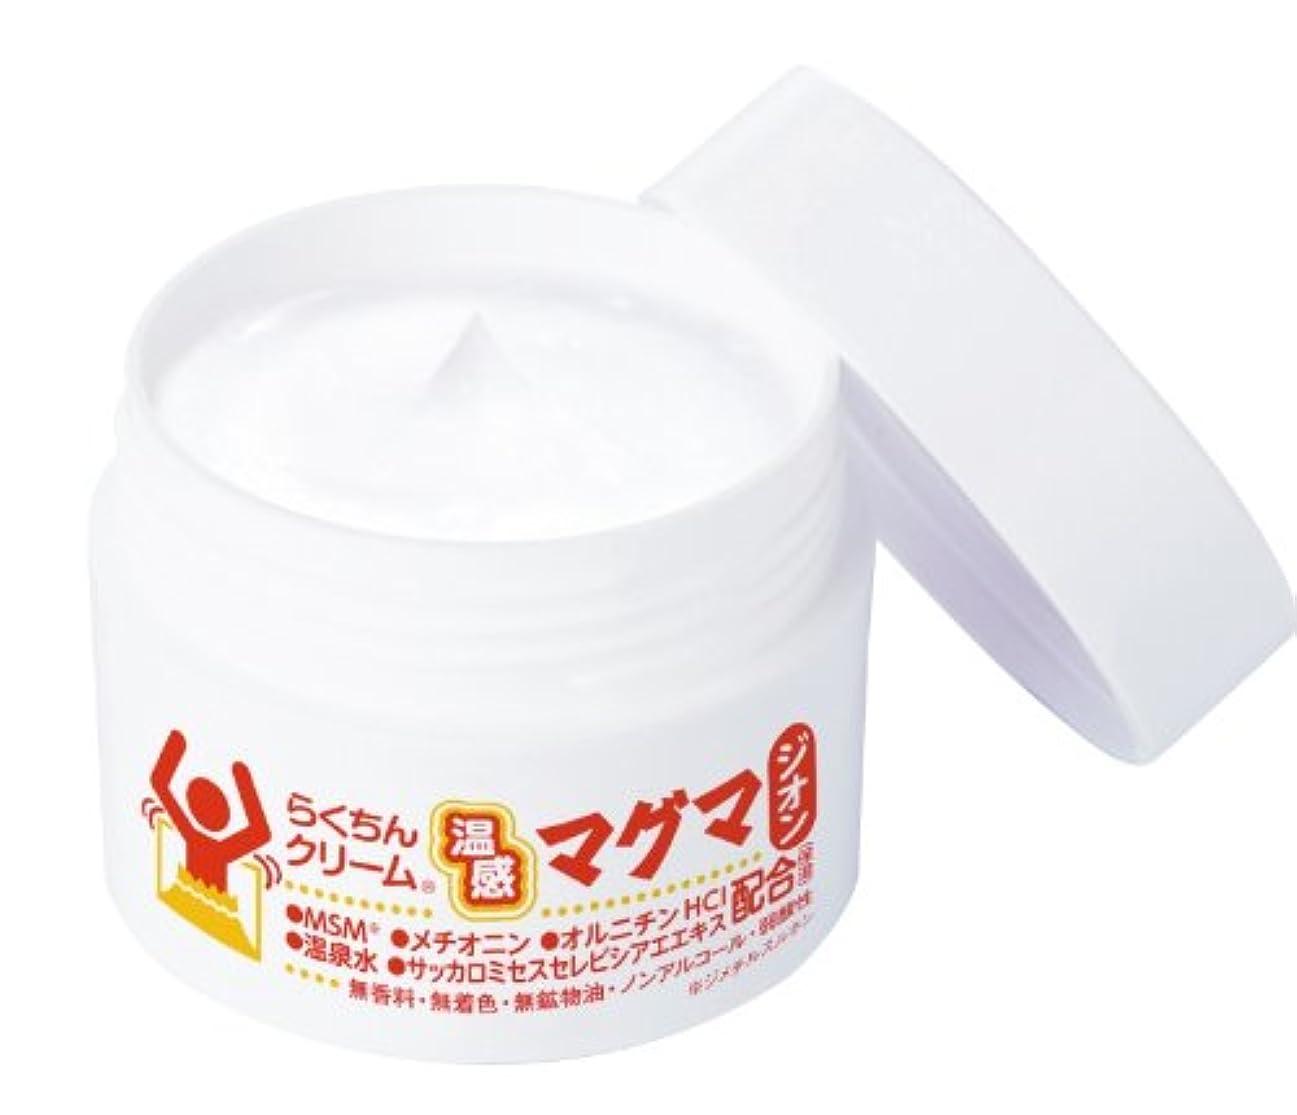 らくちんクリーム 温感マグマ ジオン 2個セット ※プロも認めたマッサージクリーム!温感マグマ!自然素材の刺激がリラックス気分をもたらせます!